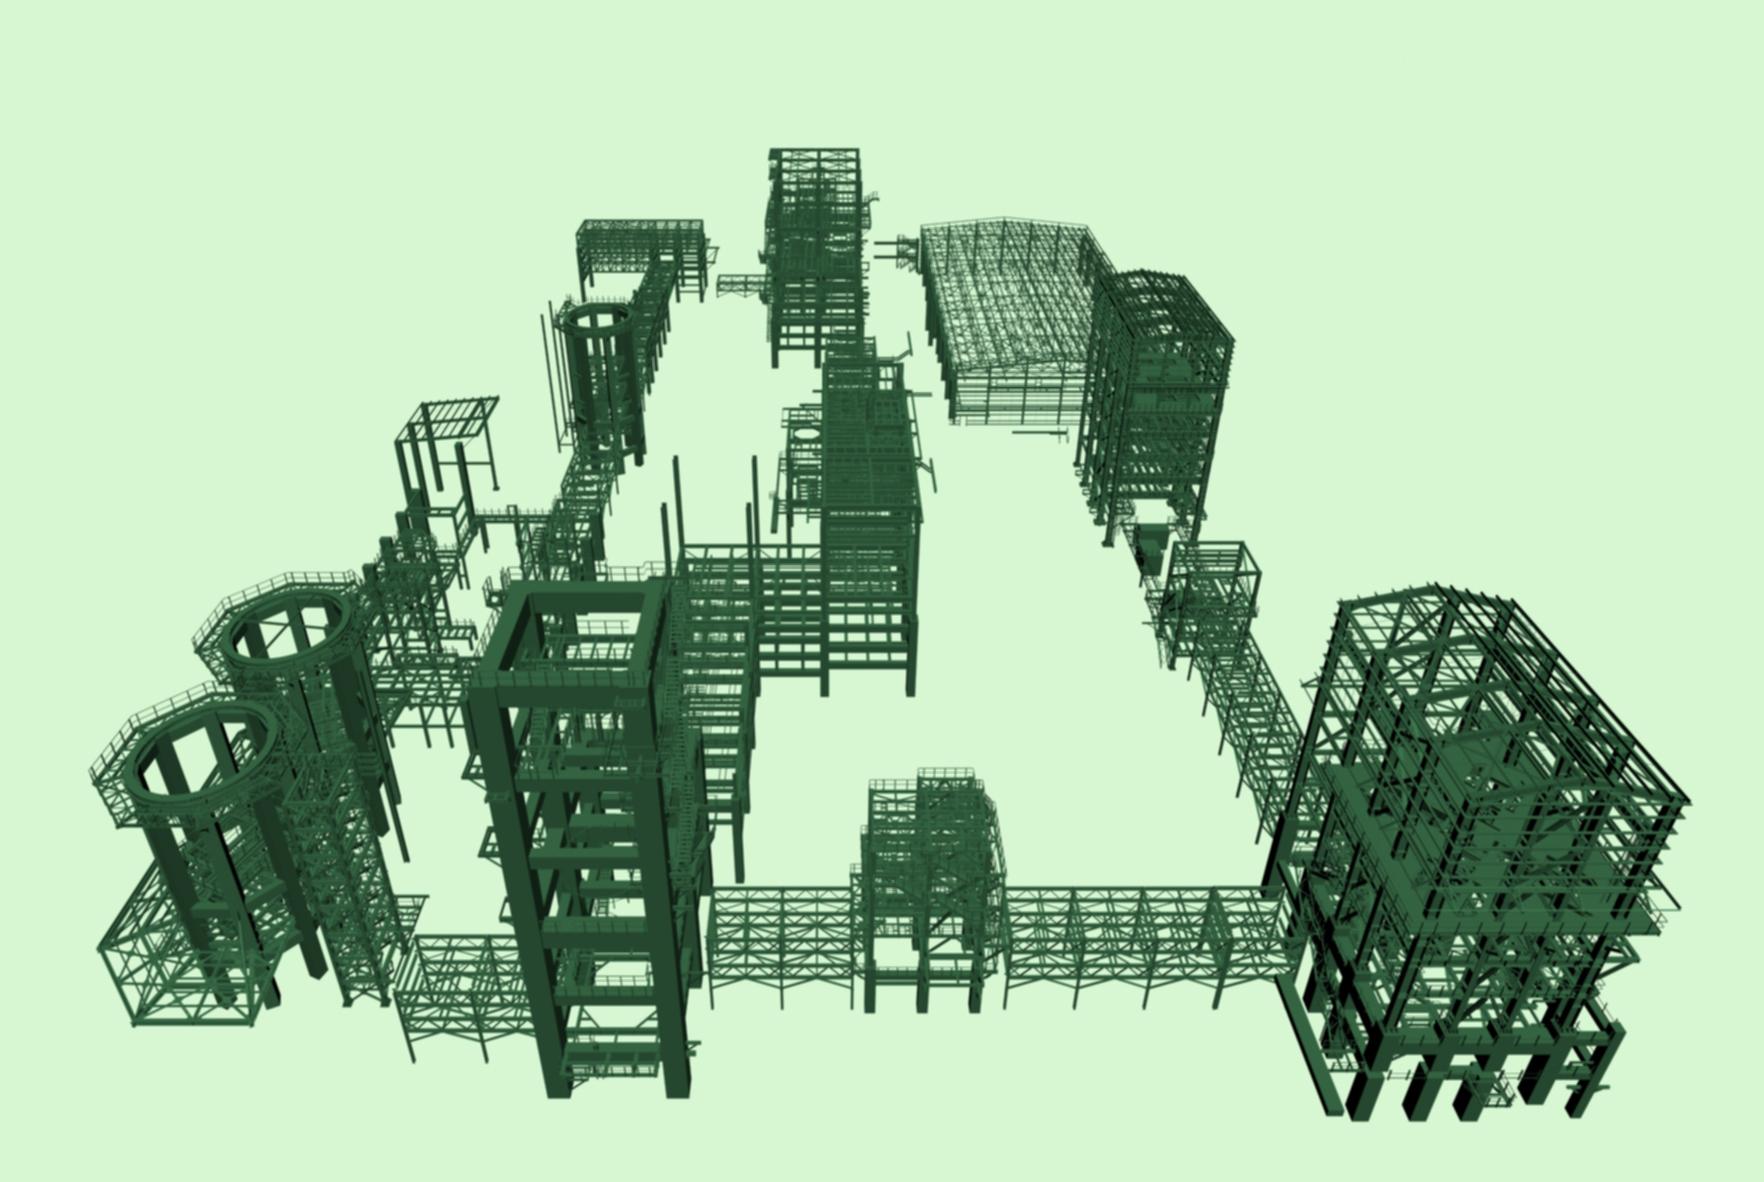 钢结构详图设计工程师招聘-上海浩荣建筑工程结构